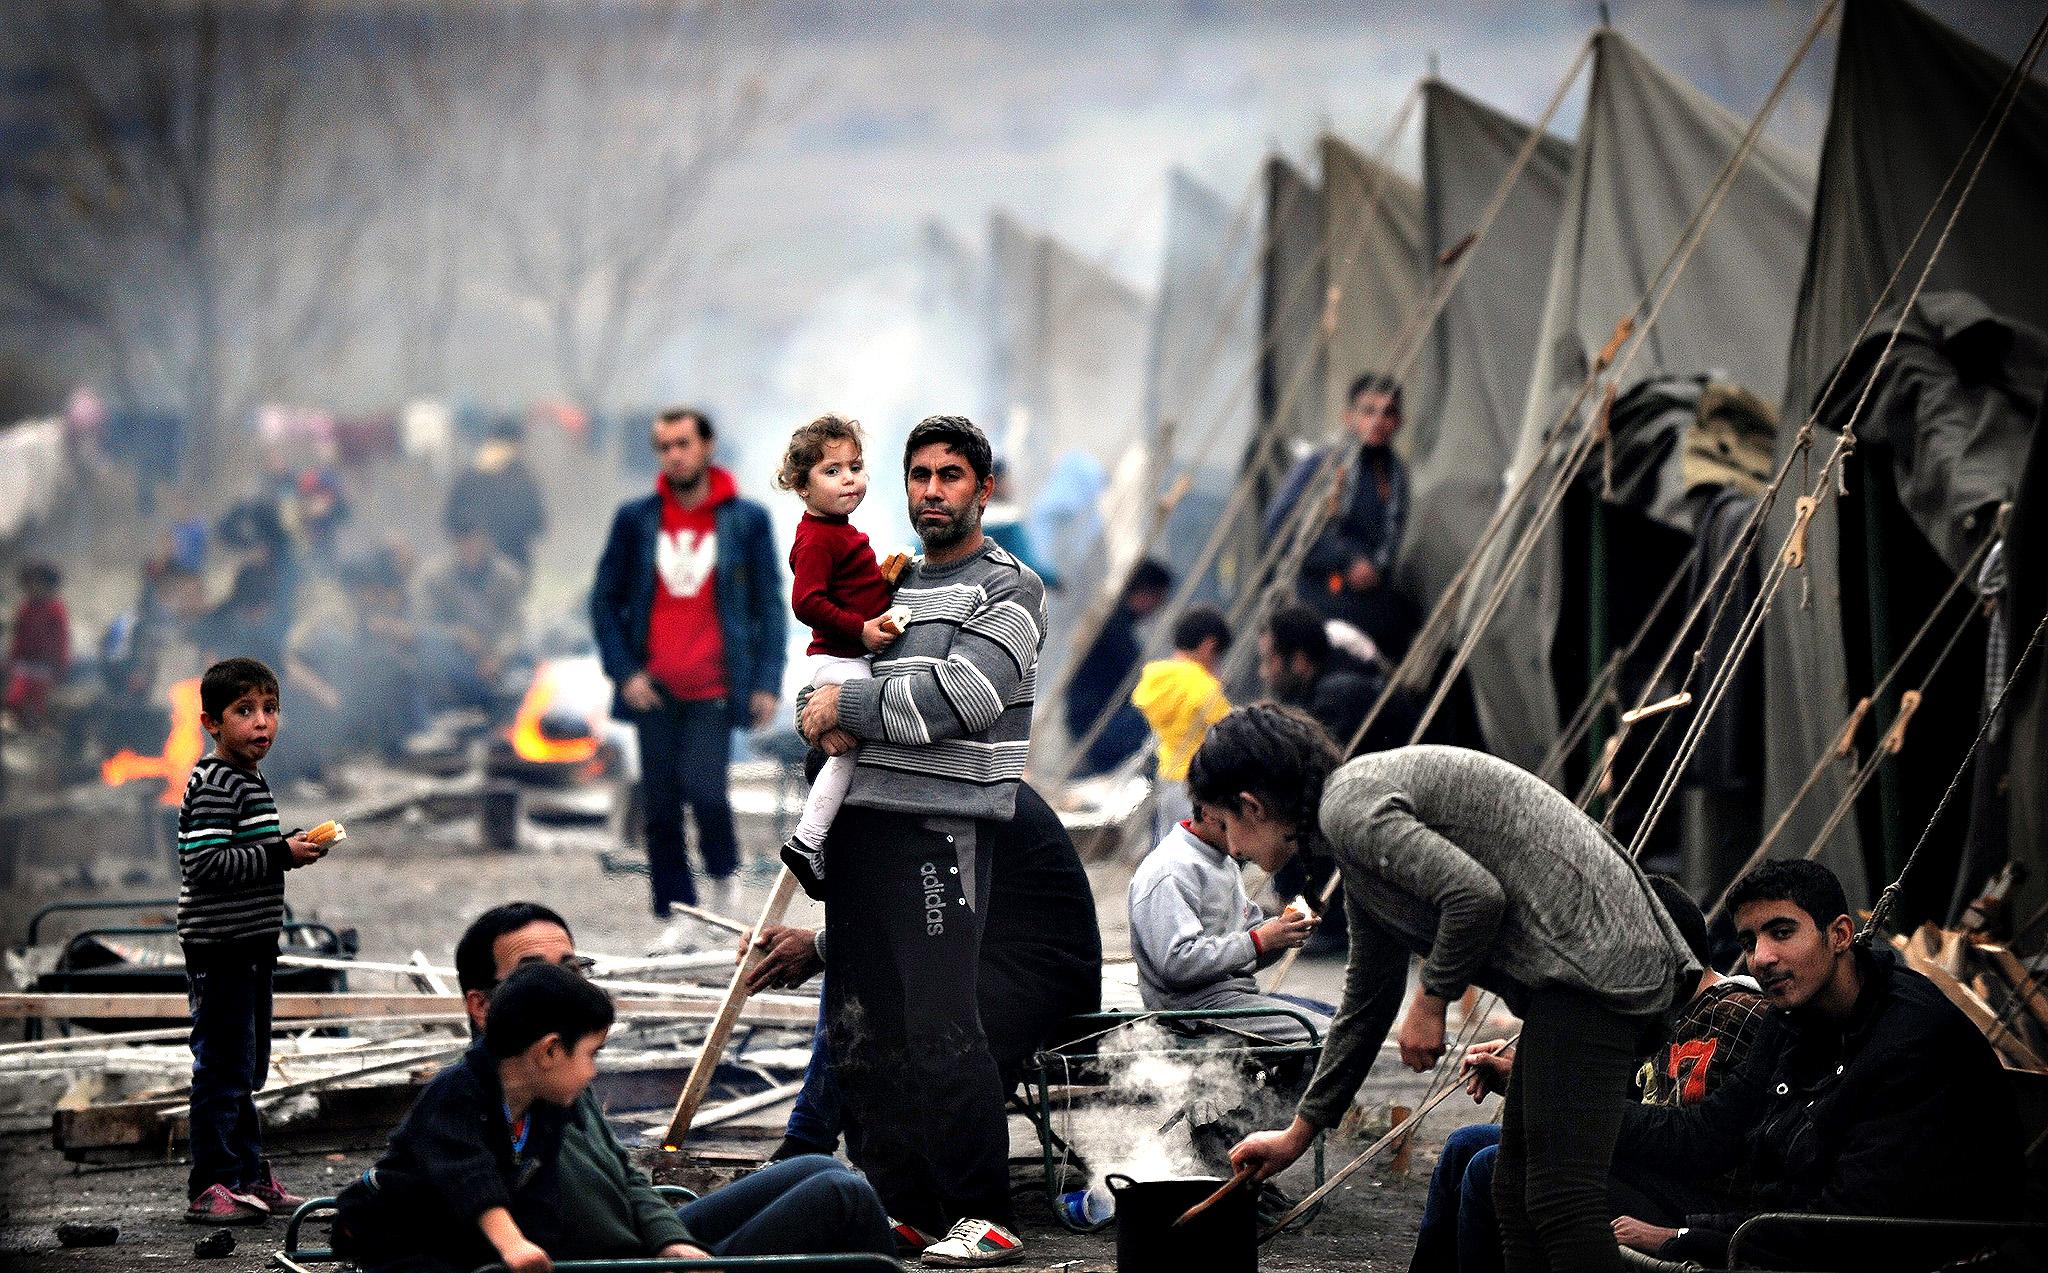 لبنان يدفع ثمناً باهظاً للأزمة السورية المستمرة